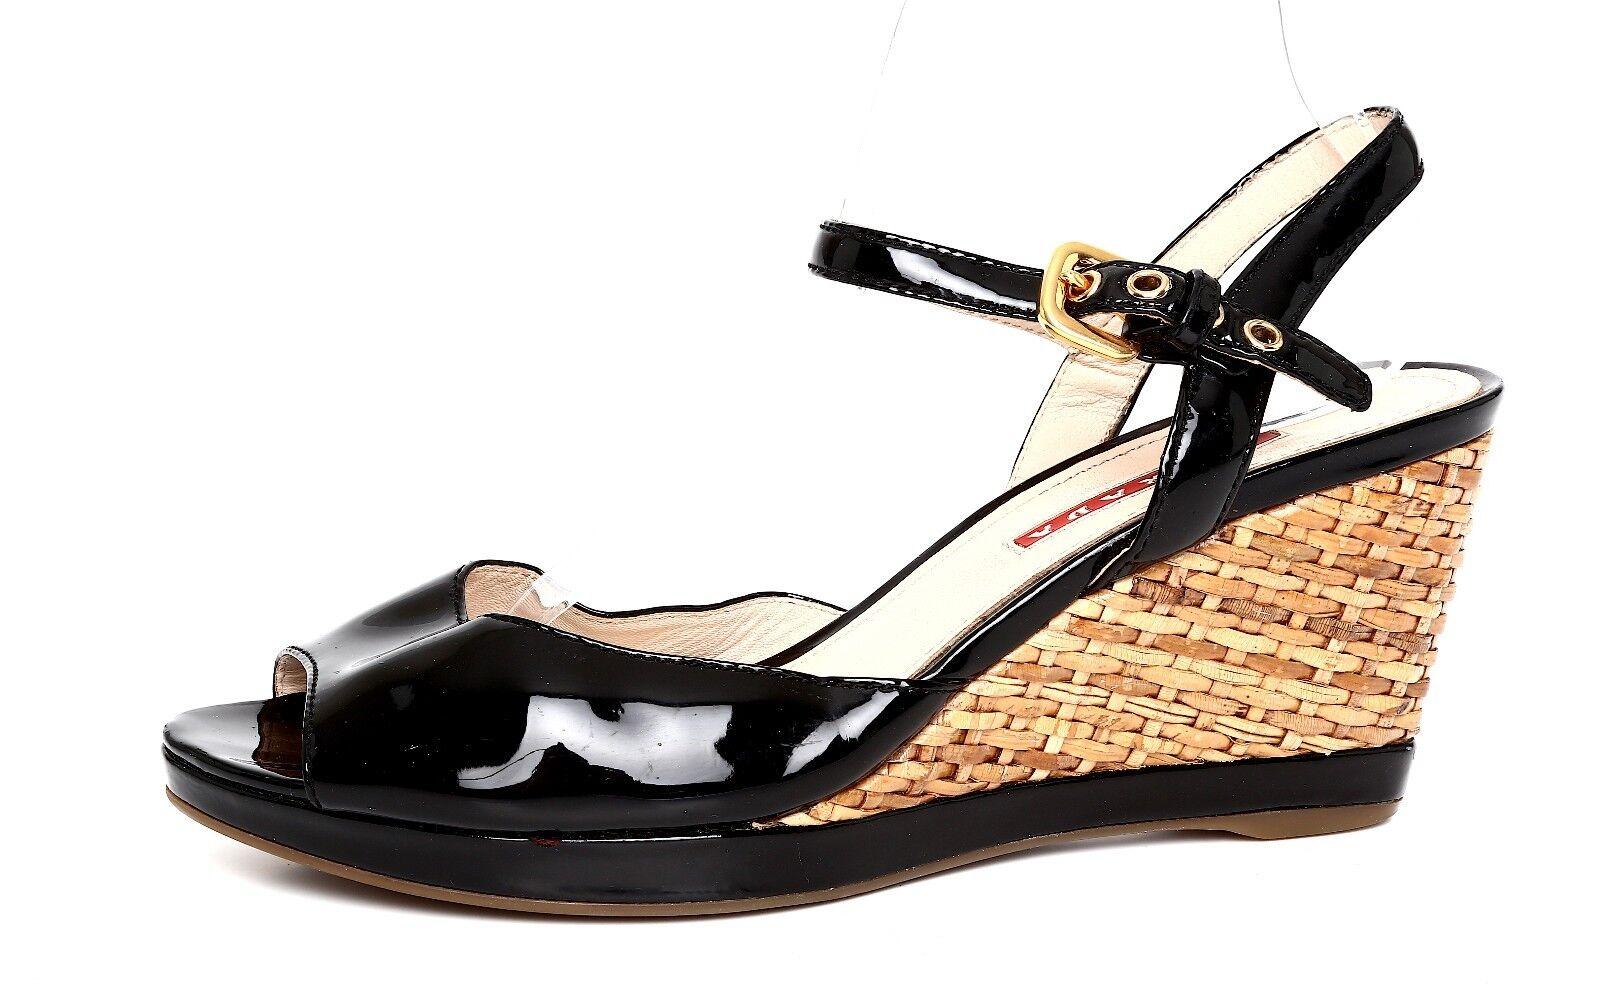 Prada Mujer Charol Negro Sandalia de cuña cuña cuña Talla 38.5 EUR 2537  venta caliente en línea